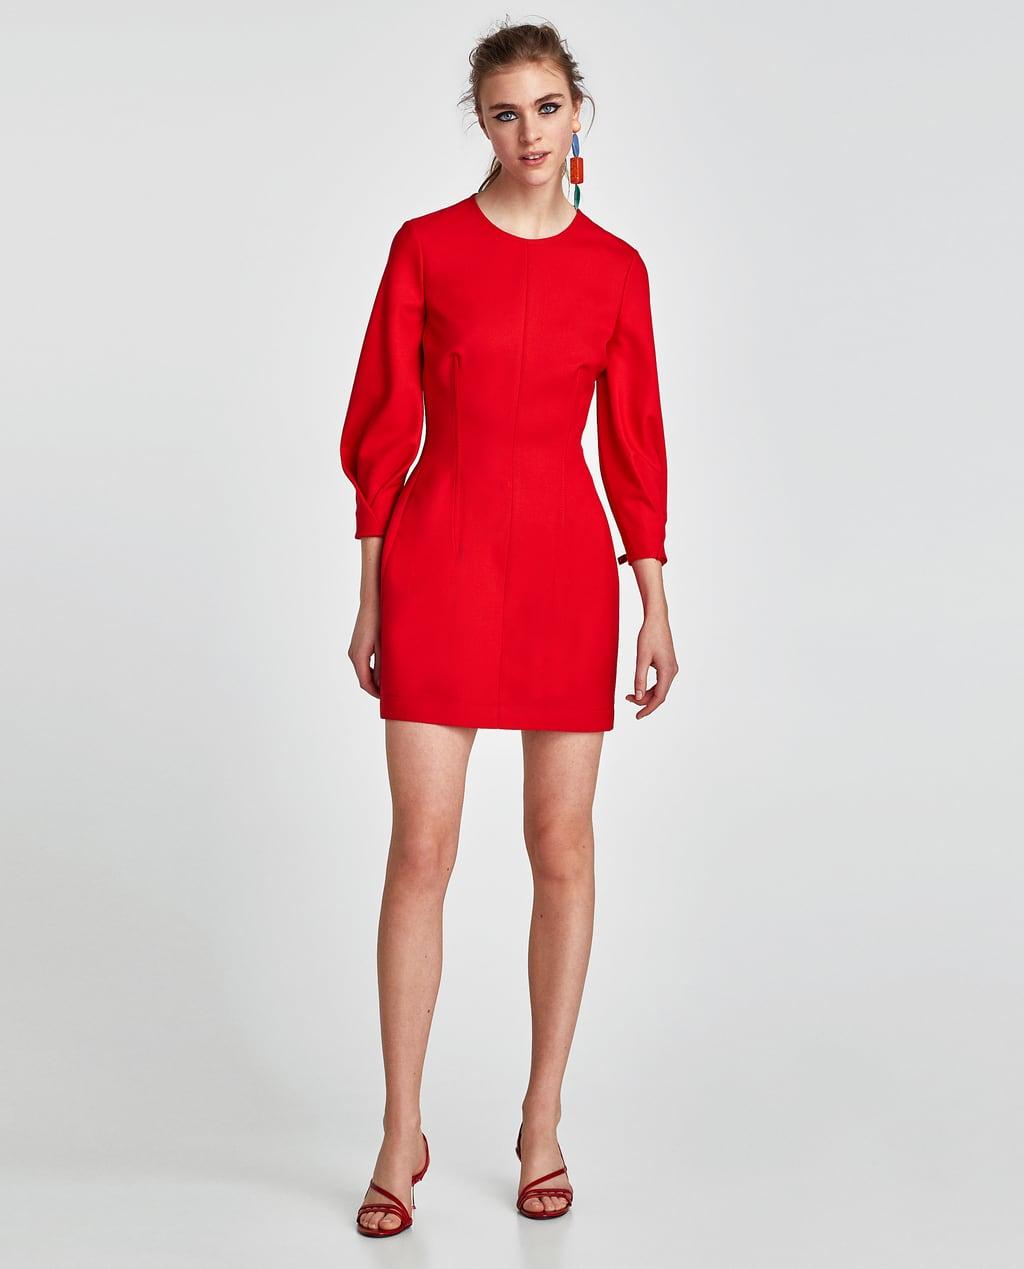 MINI DRESS - Mini-DRESSES-WOMAN-SALE | ZARA United States